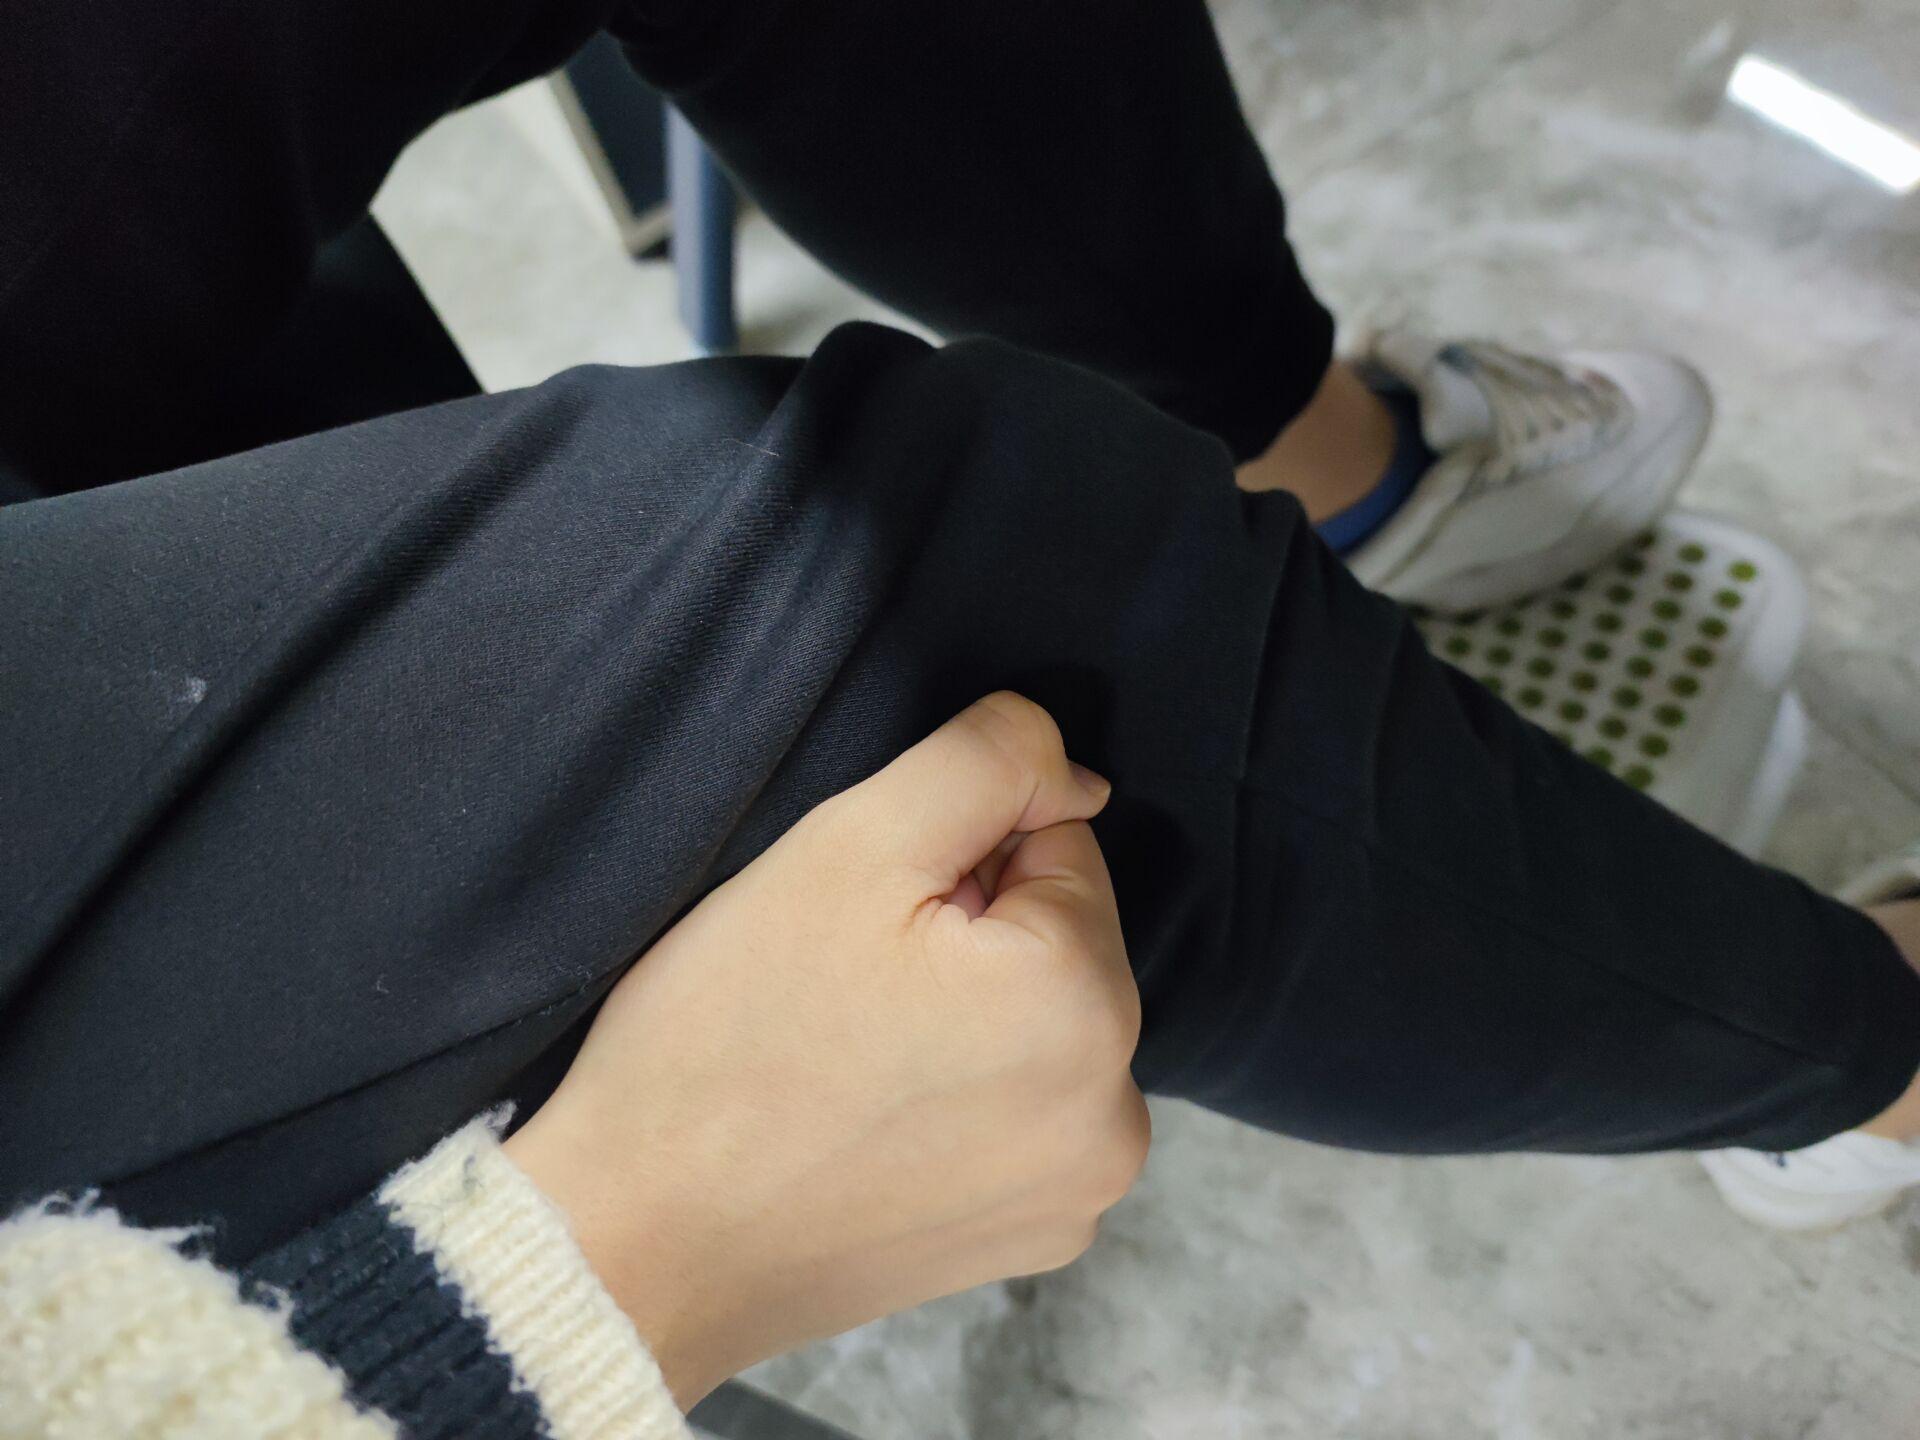 光腿神器320克冬天穿冷不?光腿神器什么温度穿